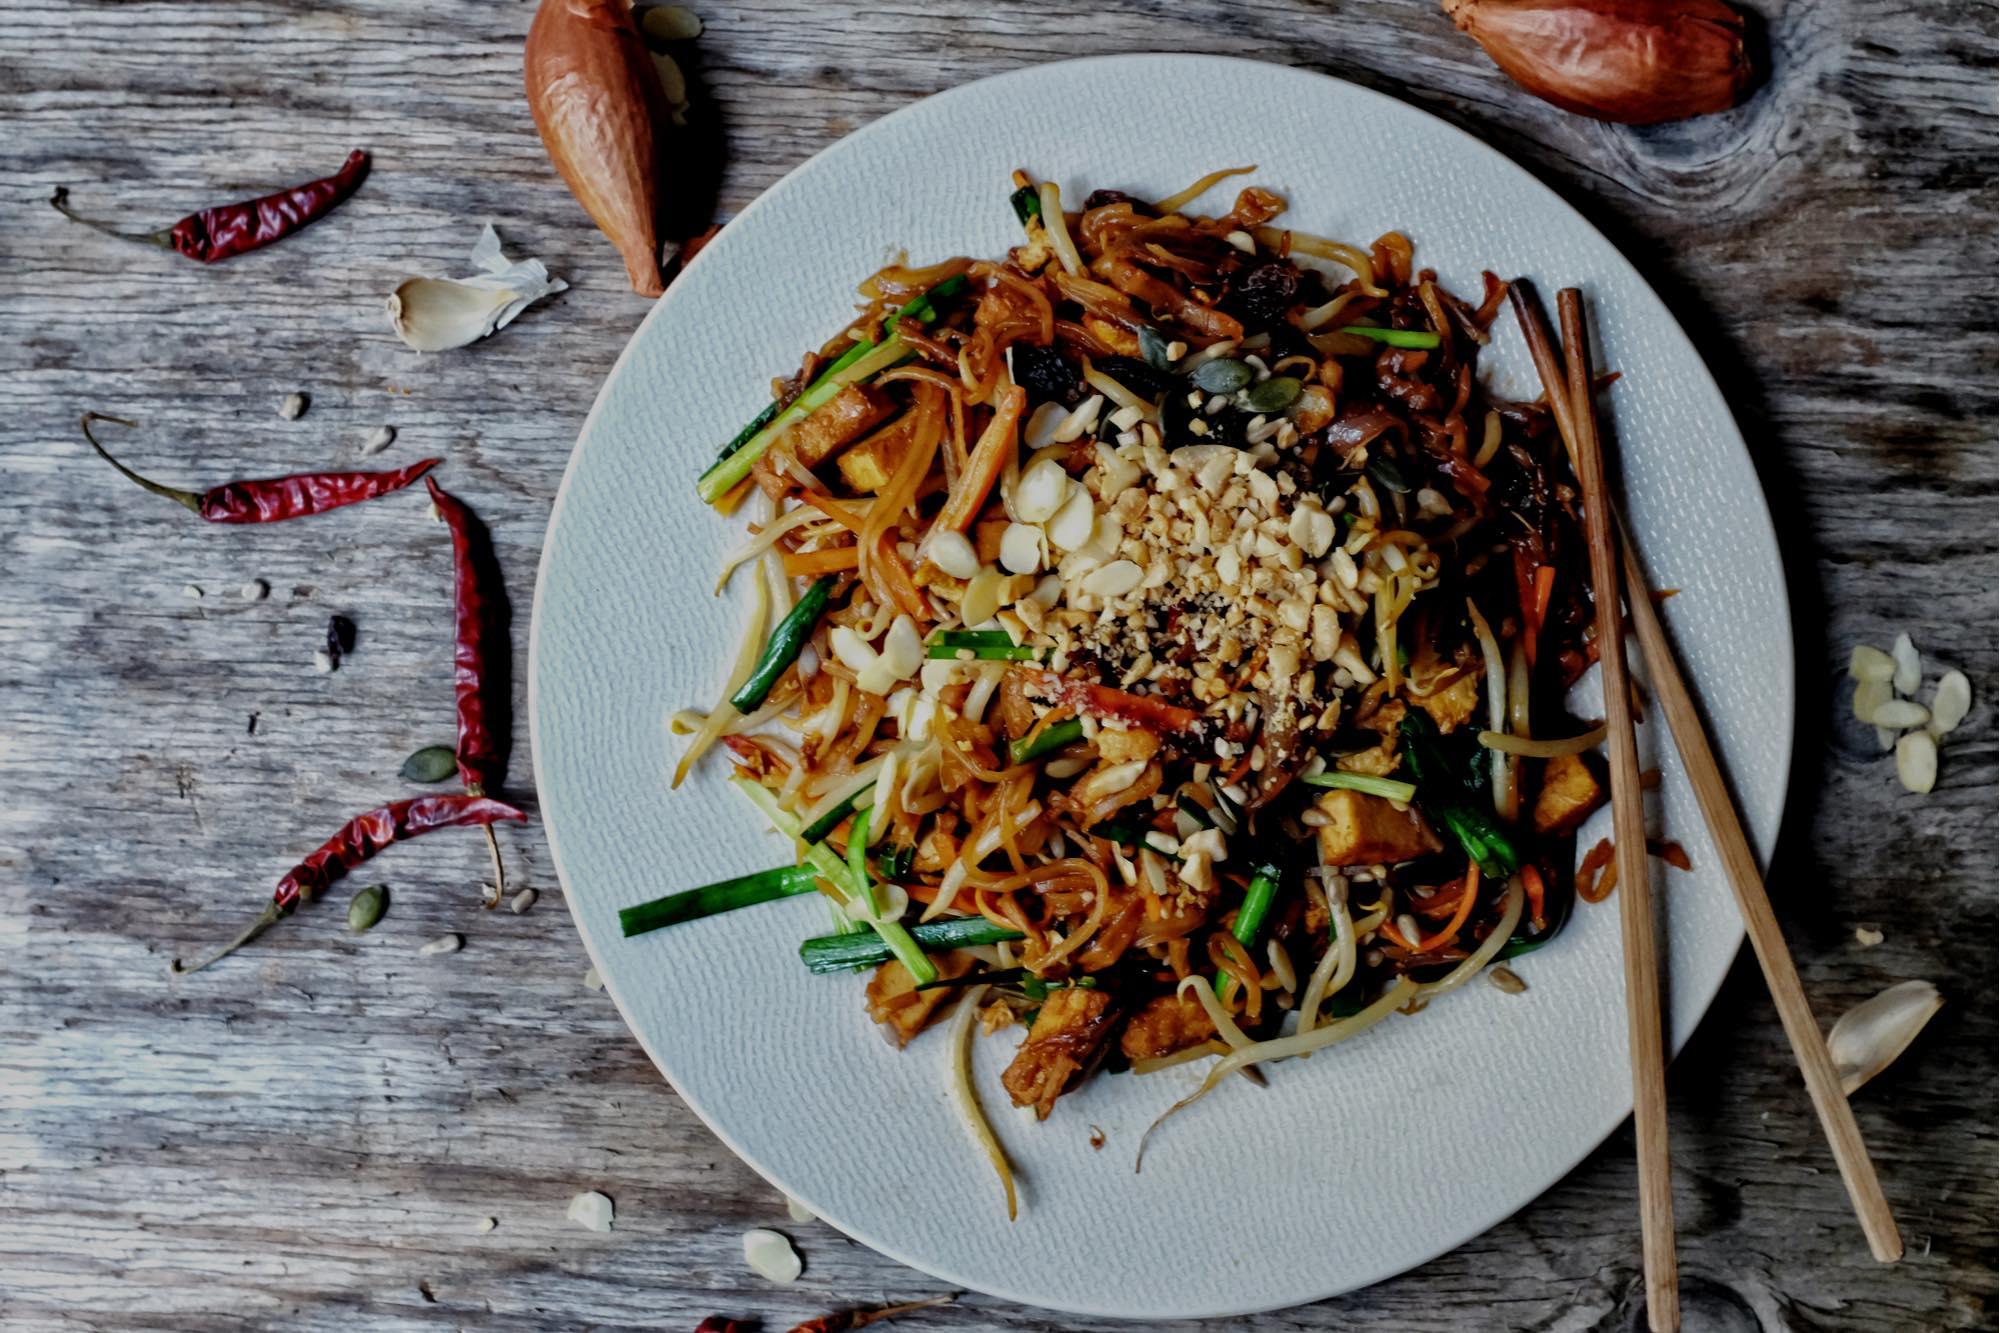 Best Vegetarian Restaurants in Phuket